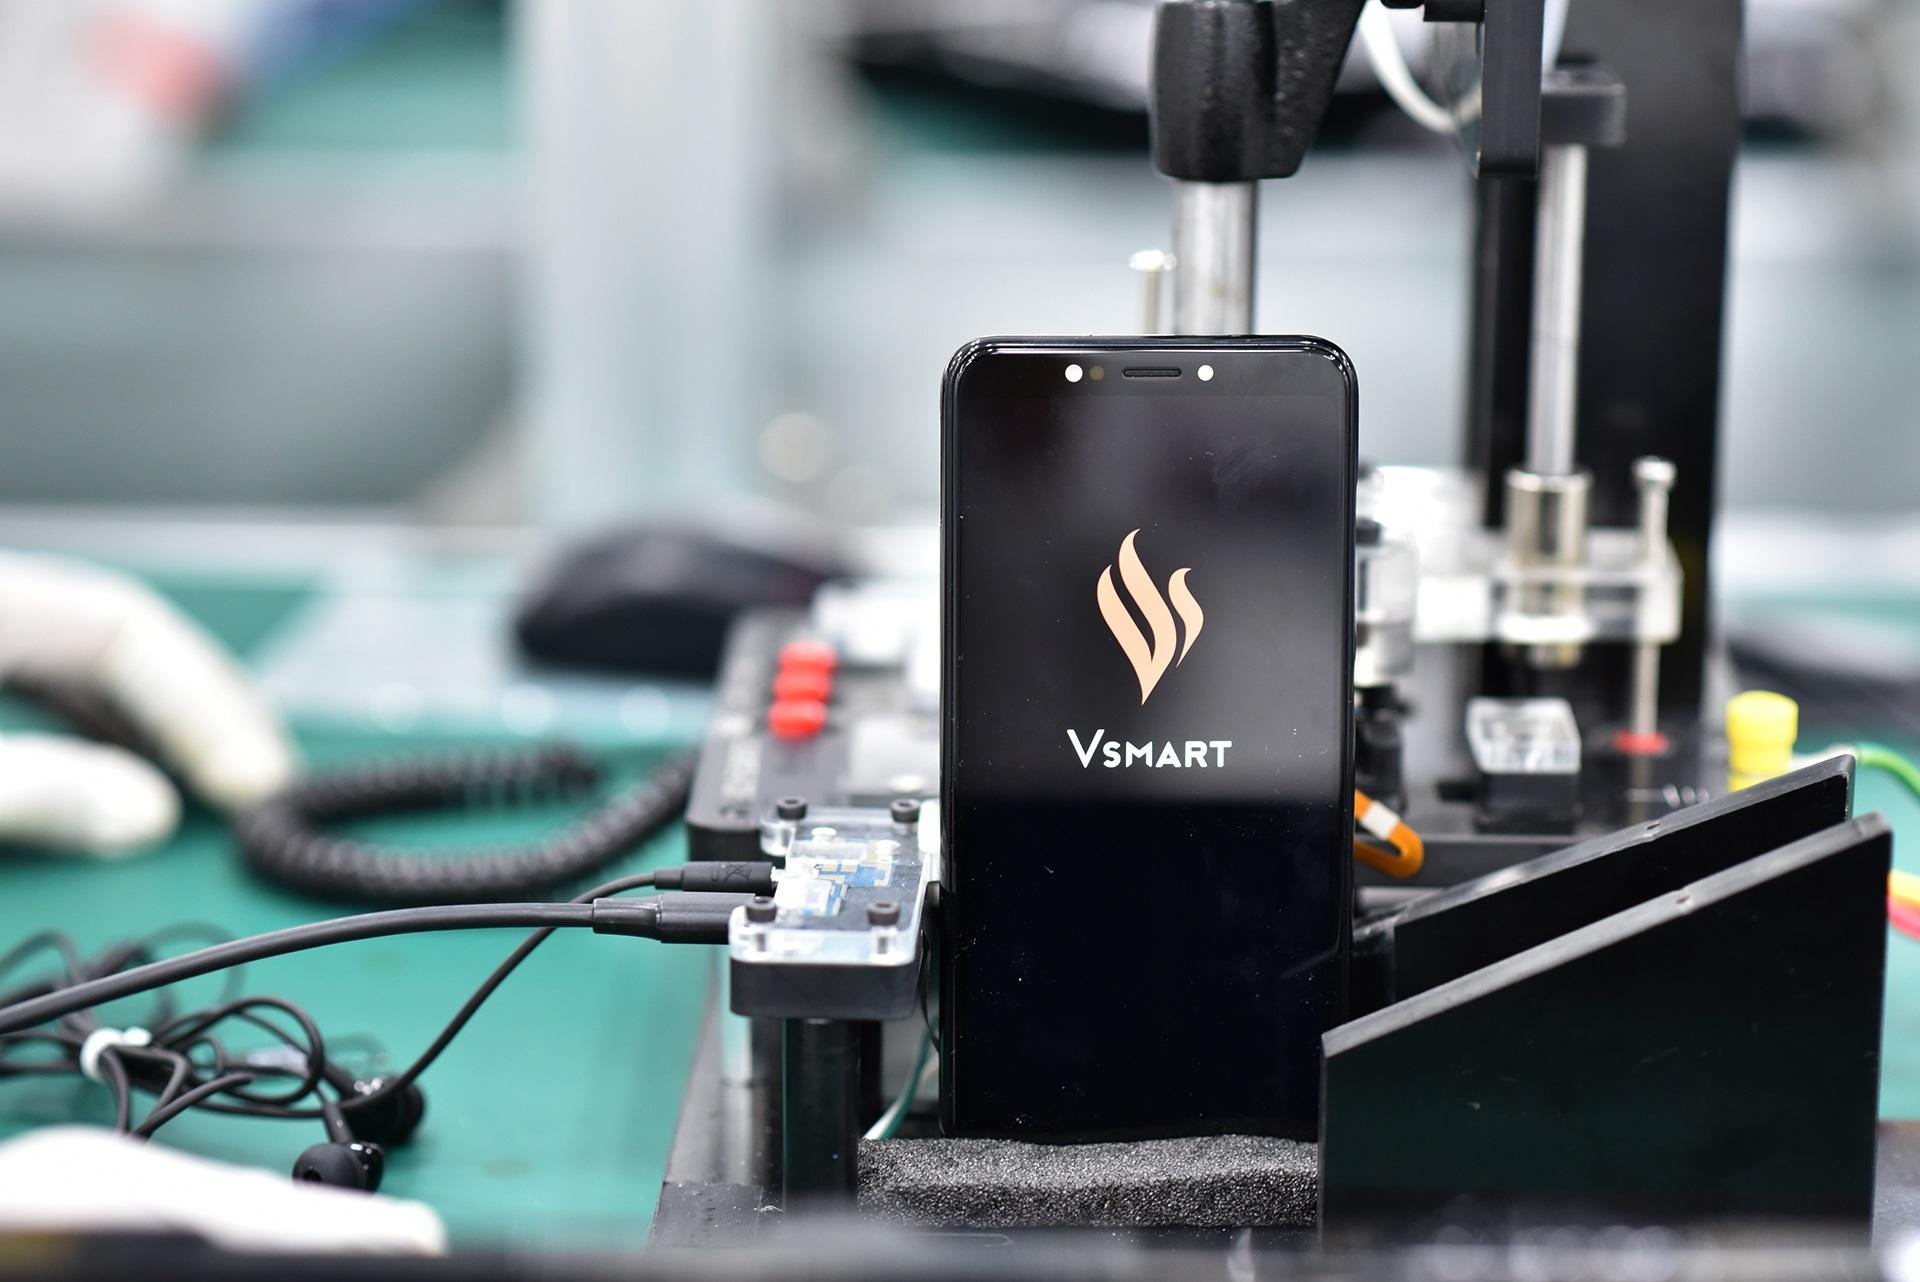 Vsmart sẽ trinh làm 4 dòng smartphone vào ngày 14/12 tại toà tháp Landmark 81